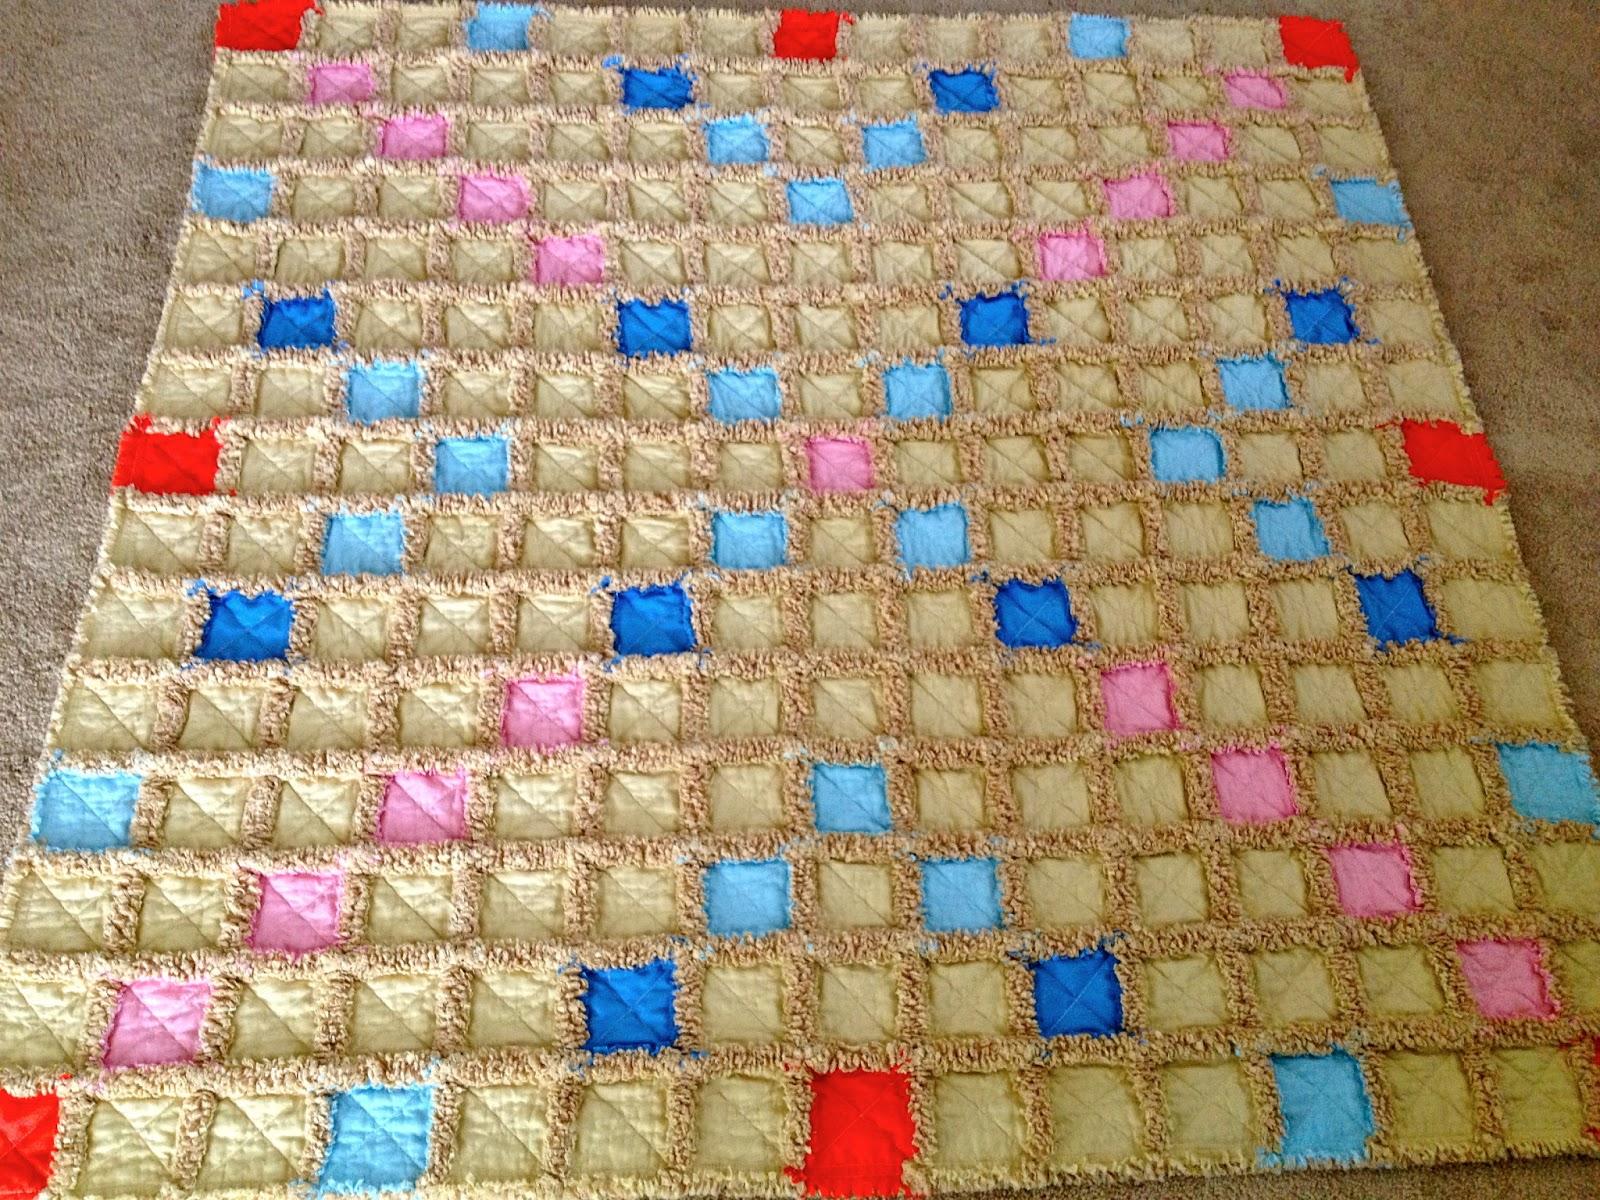 Zeedlebeez Scrabble Rag Quilt